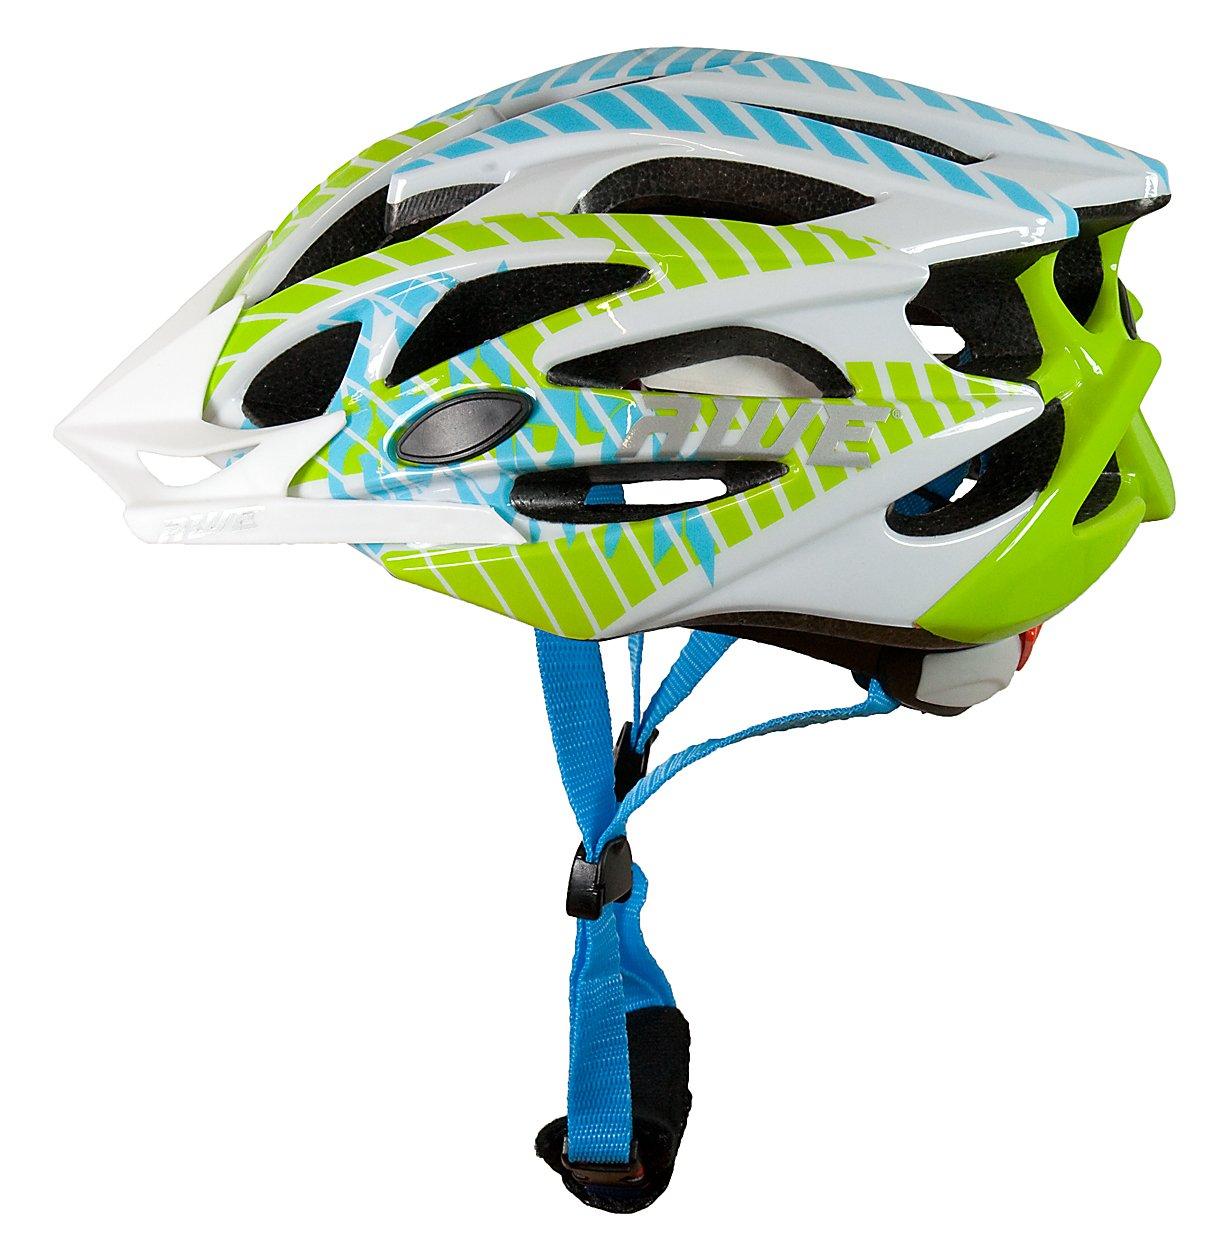 AWE® FunTM Infantiles de bicicleta casco - Verde, blanco, azul, tamaño 52-56cm: Amazon.es: Deportes y aire libre